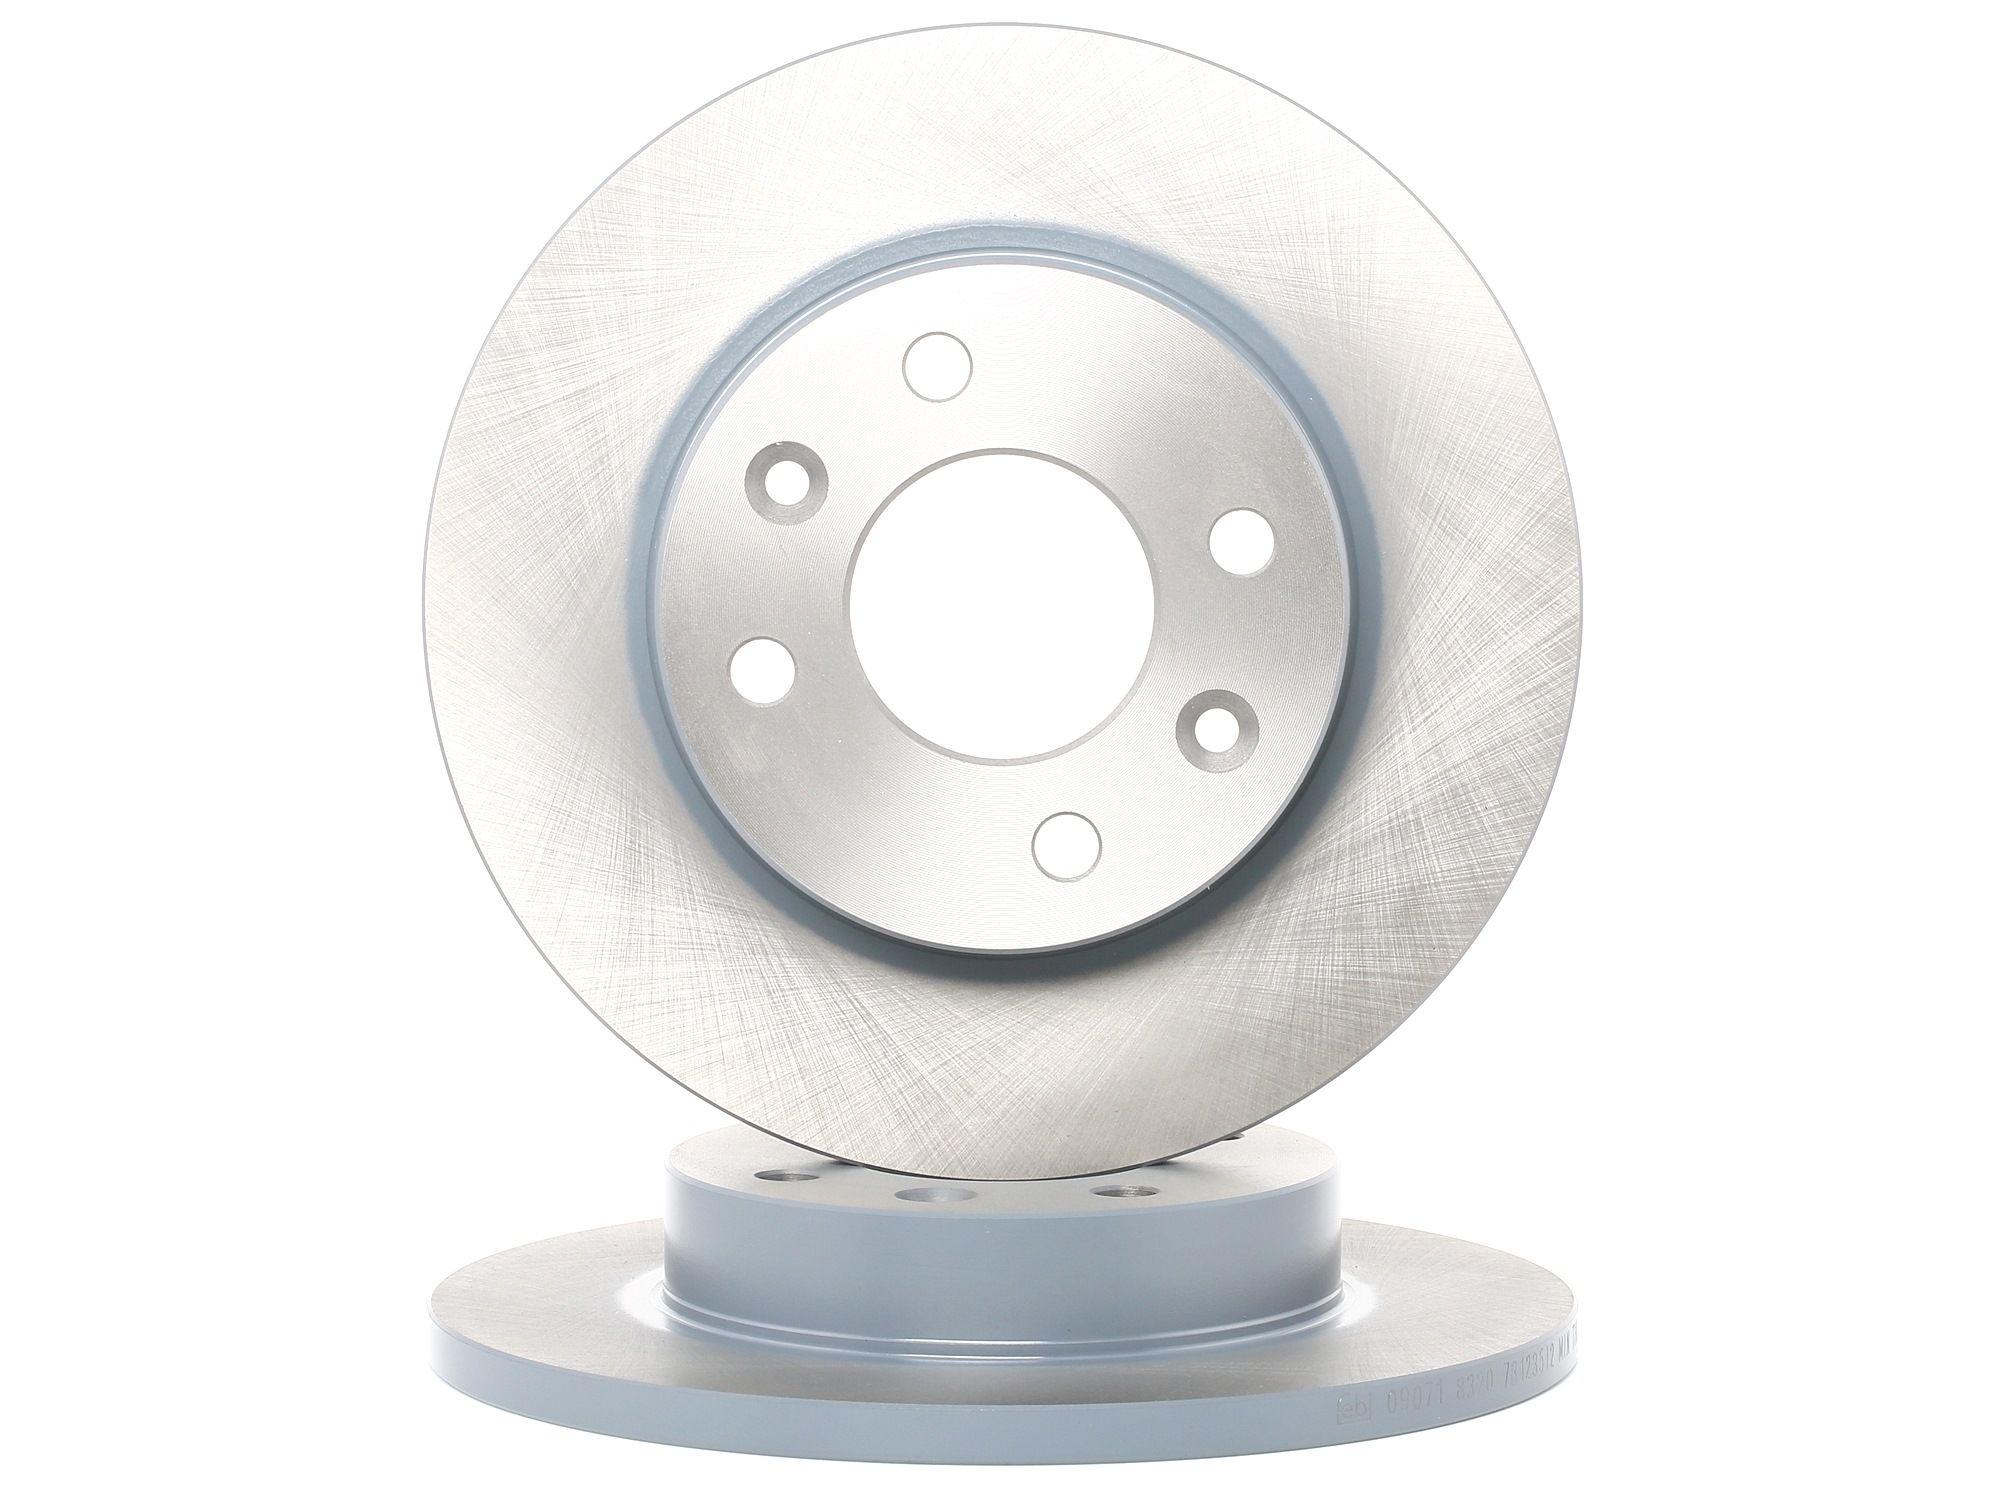 09071 FEBI BILSTEIN Vorderachse, Voll, 37 Ø: 238,0mm, Bremsscheibendicke: 12mm Bremsscheibe 09071 günstig kaufen